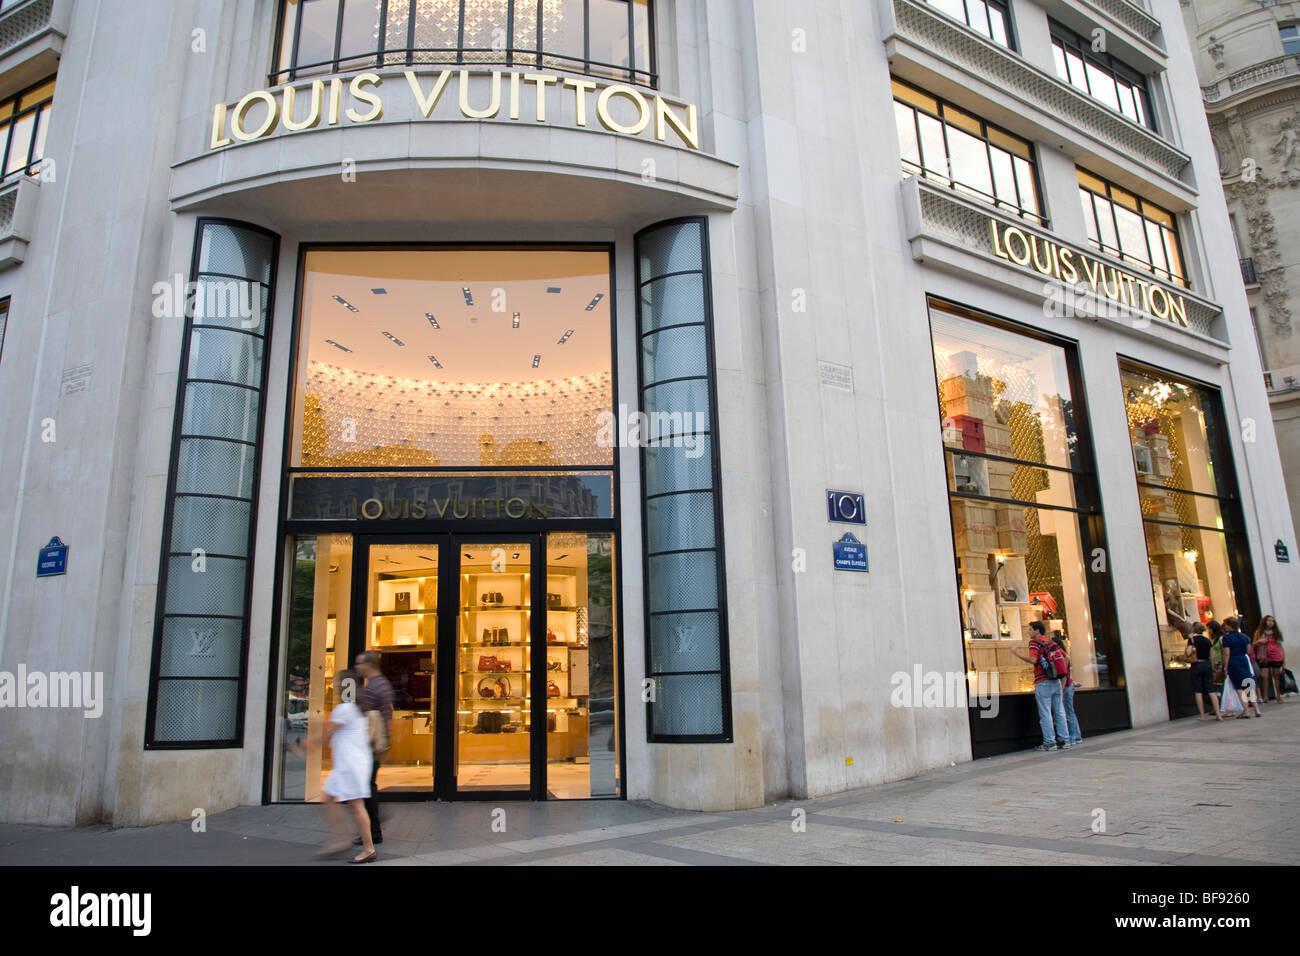 d3297e80b5239 Boutique Louis Vuitton, Champs Elysées, Paris, France Banque D ...